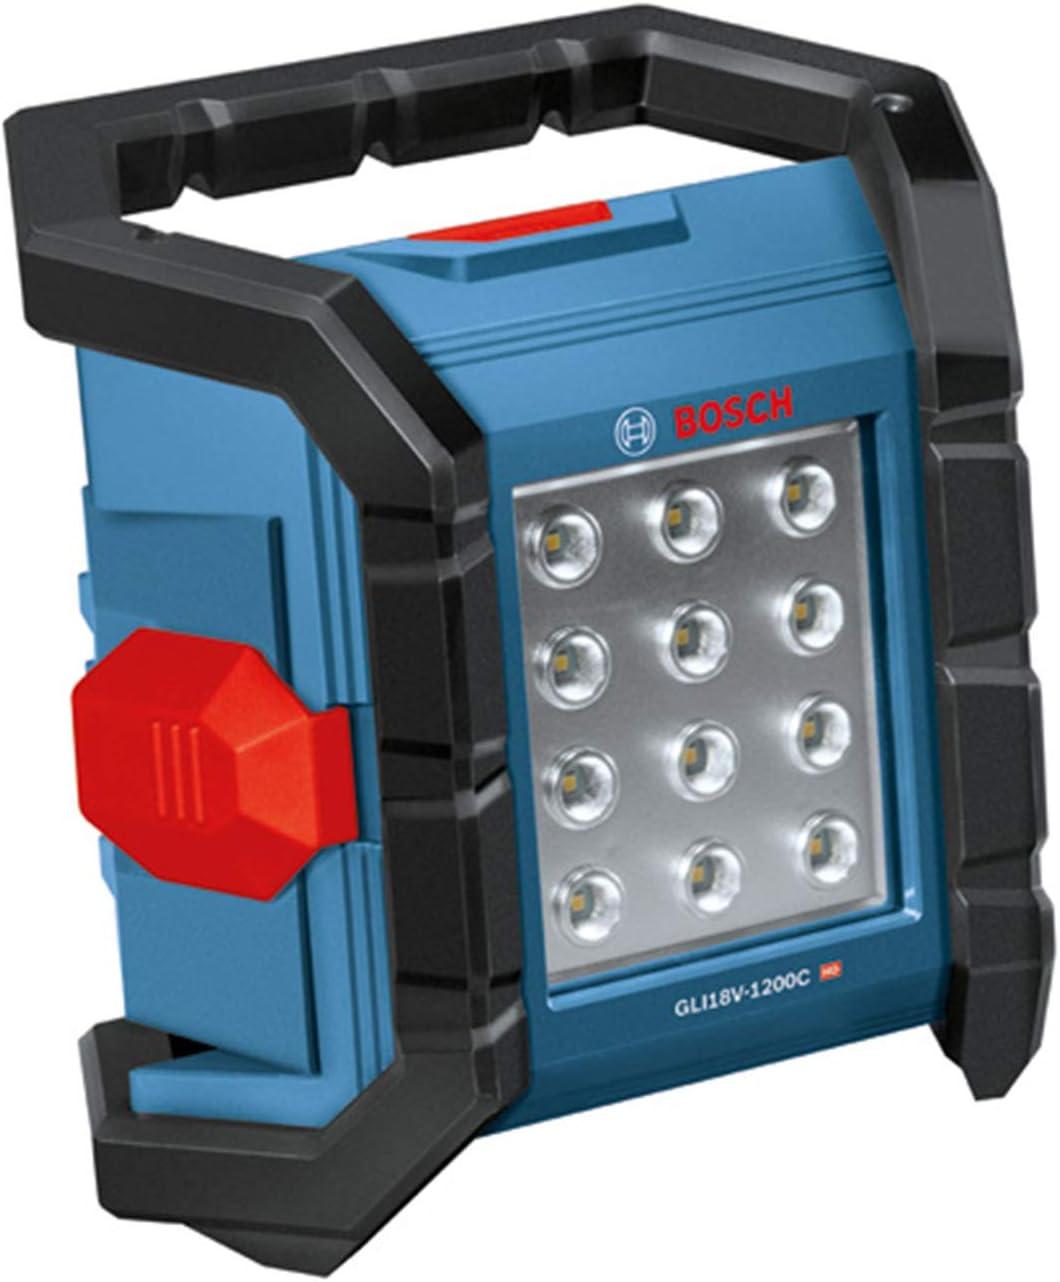 ボッシュ(BOSCH) 14V・18Vコードレス投光器(本体のみ) GLI -1200C